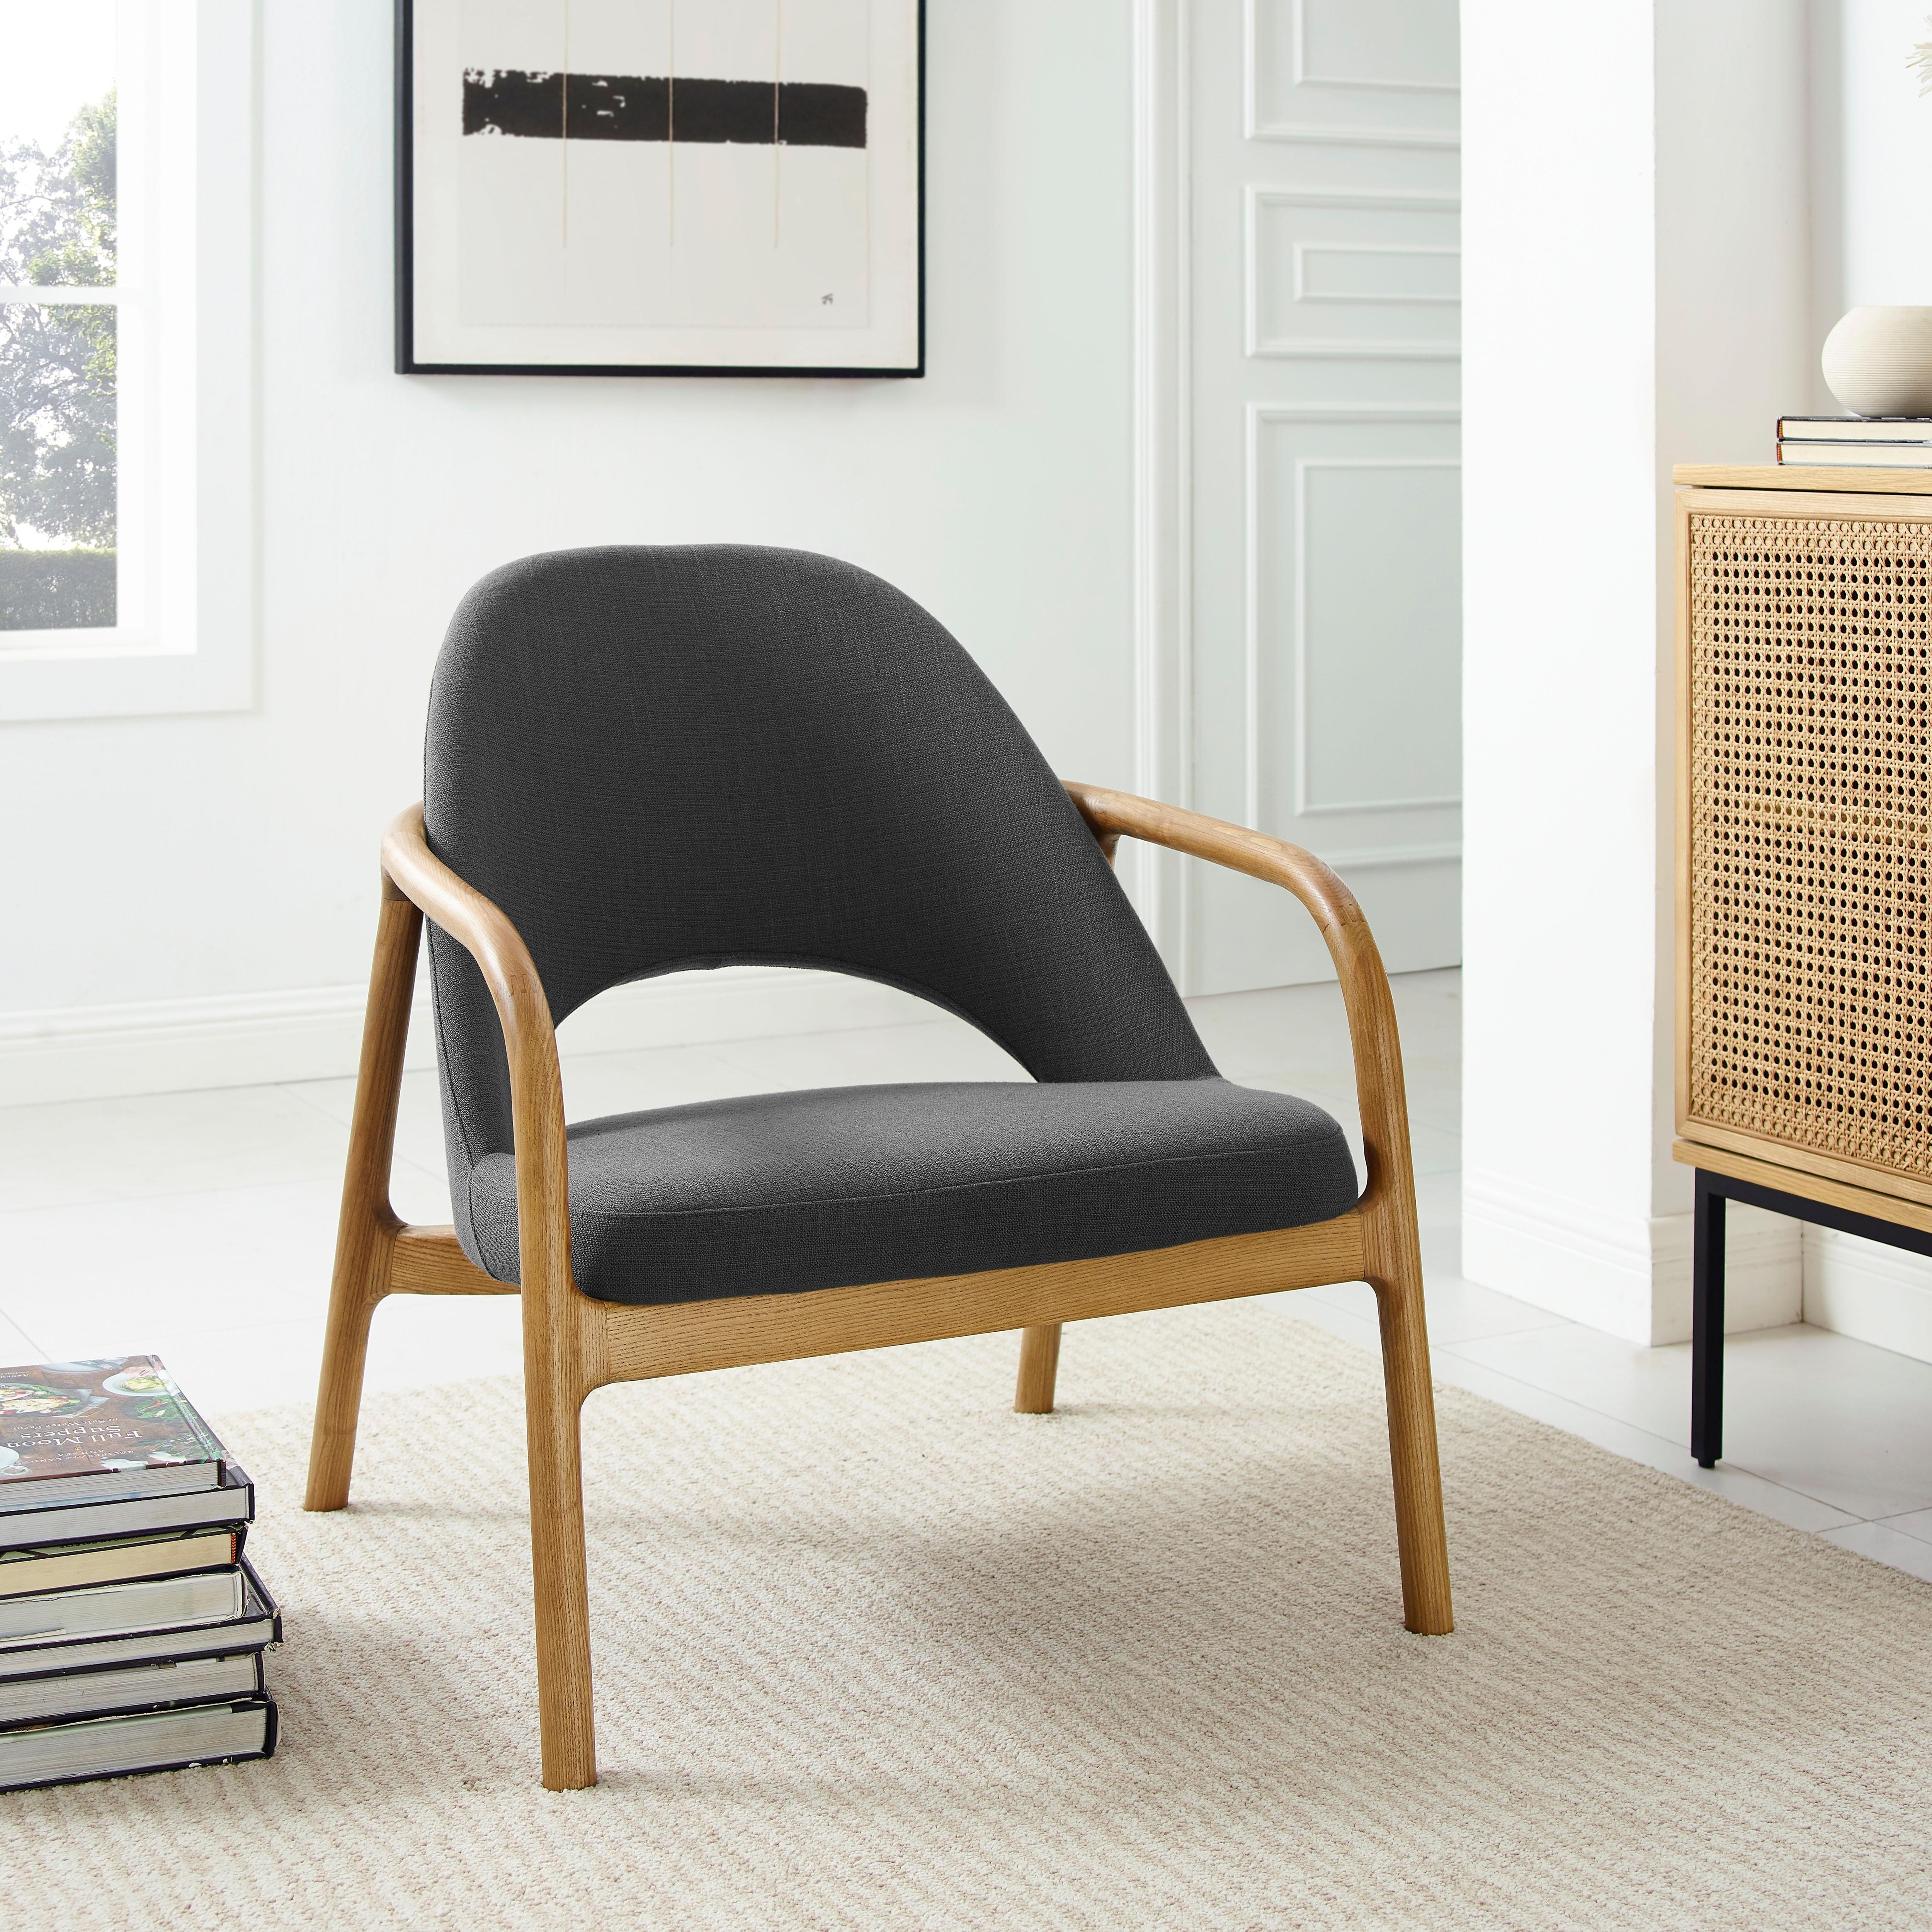 COUCH ♥ stoel met armleuningen Perfect Combination van massief essenhout, couch favorieten bestellen: 30 dagen bedenktijd